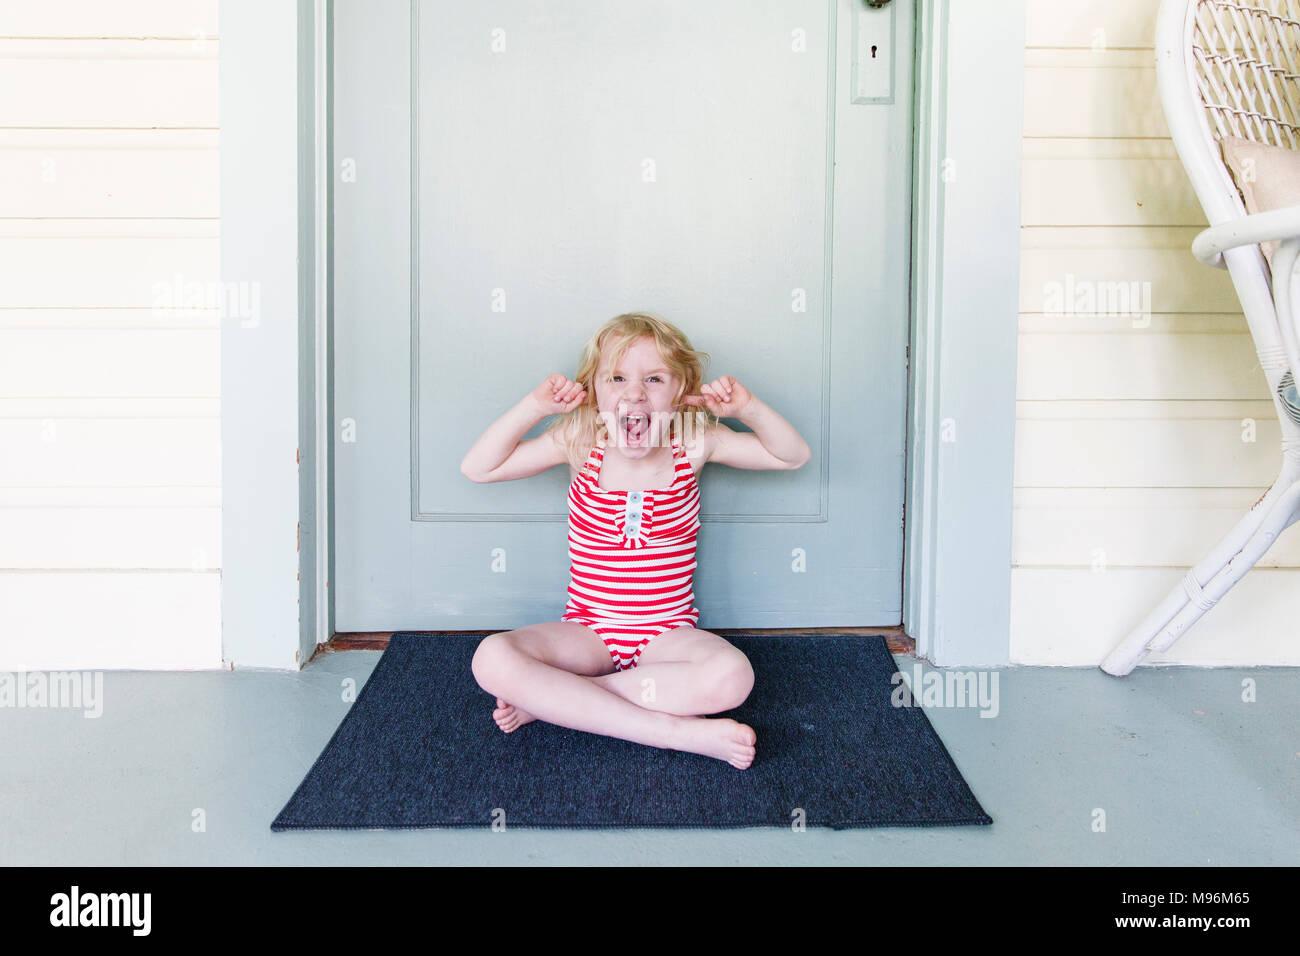 Mädchen Flächen außerhalb der Tür ziehen. Stockbild